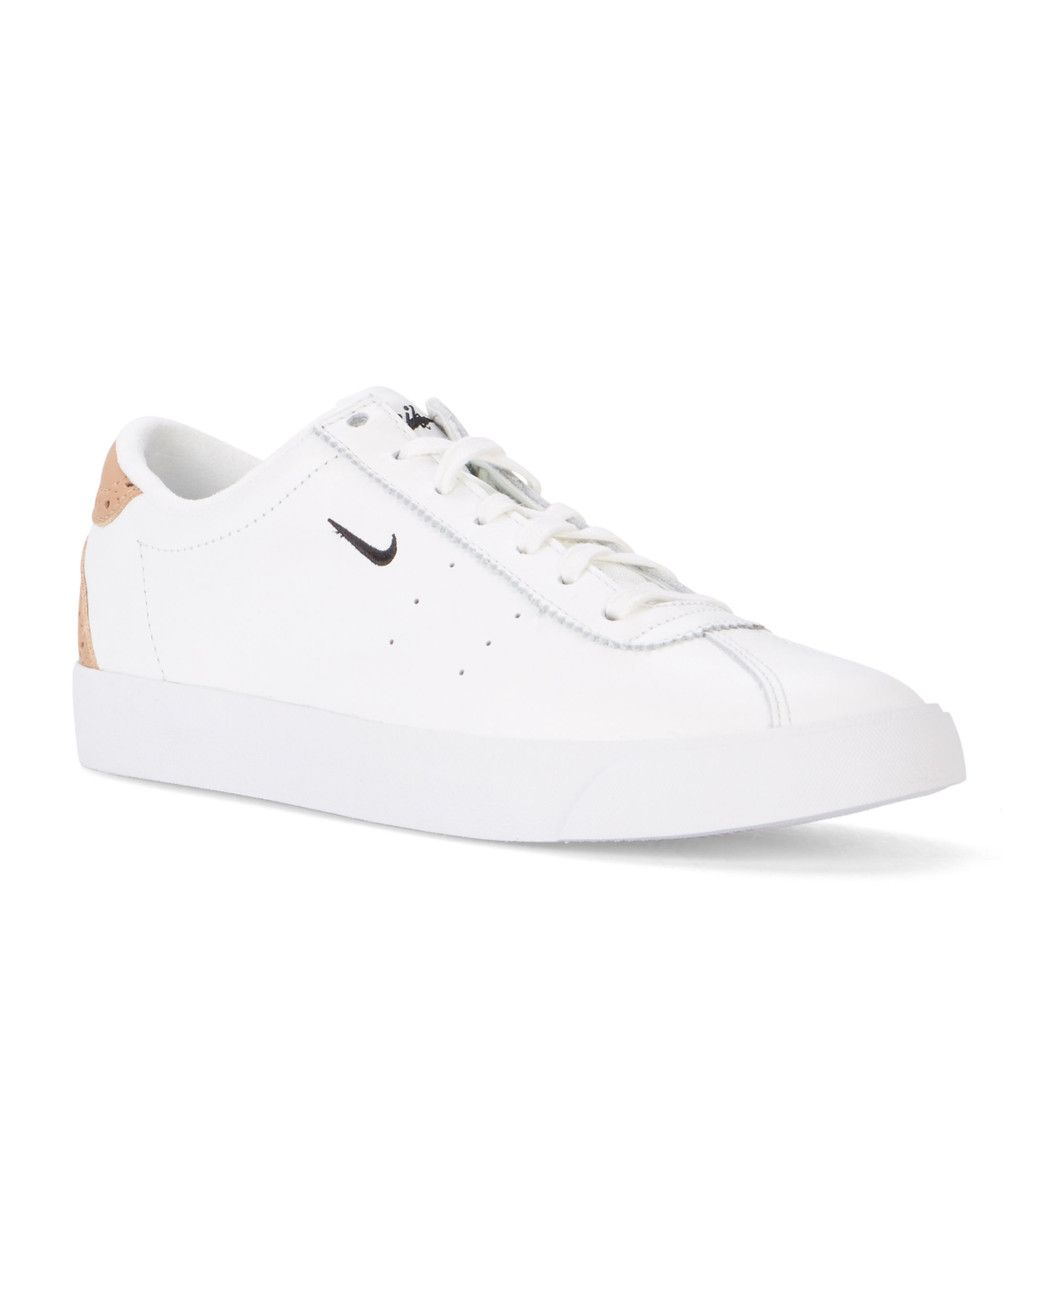 Nike Nike Nike Match Classic Suede Zapatillas Multicolor Lyst Zapato Blanco 688043